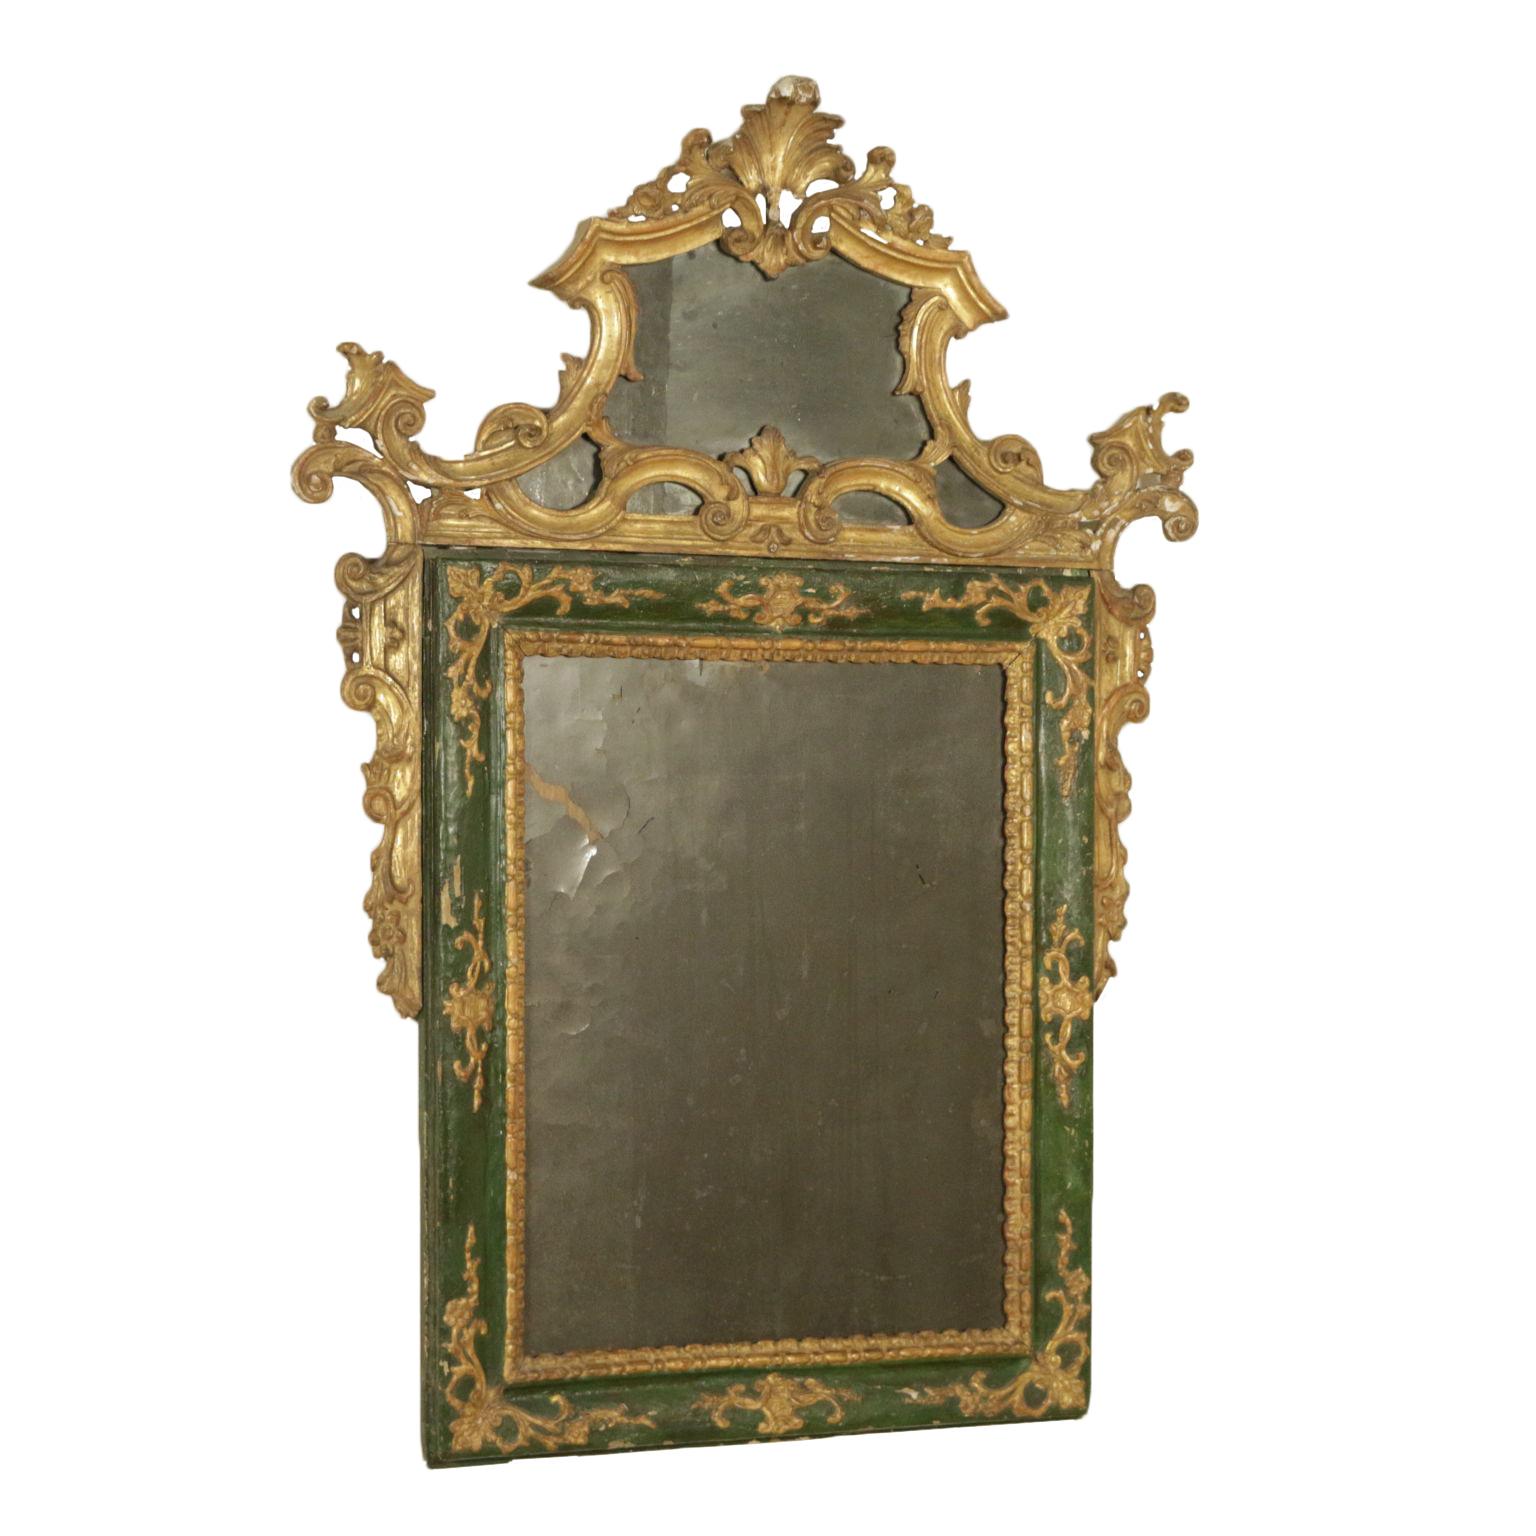 Pan Twardowski's Mirror